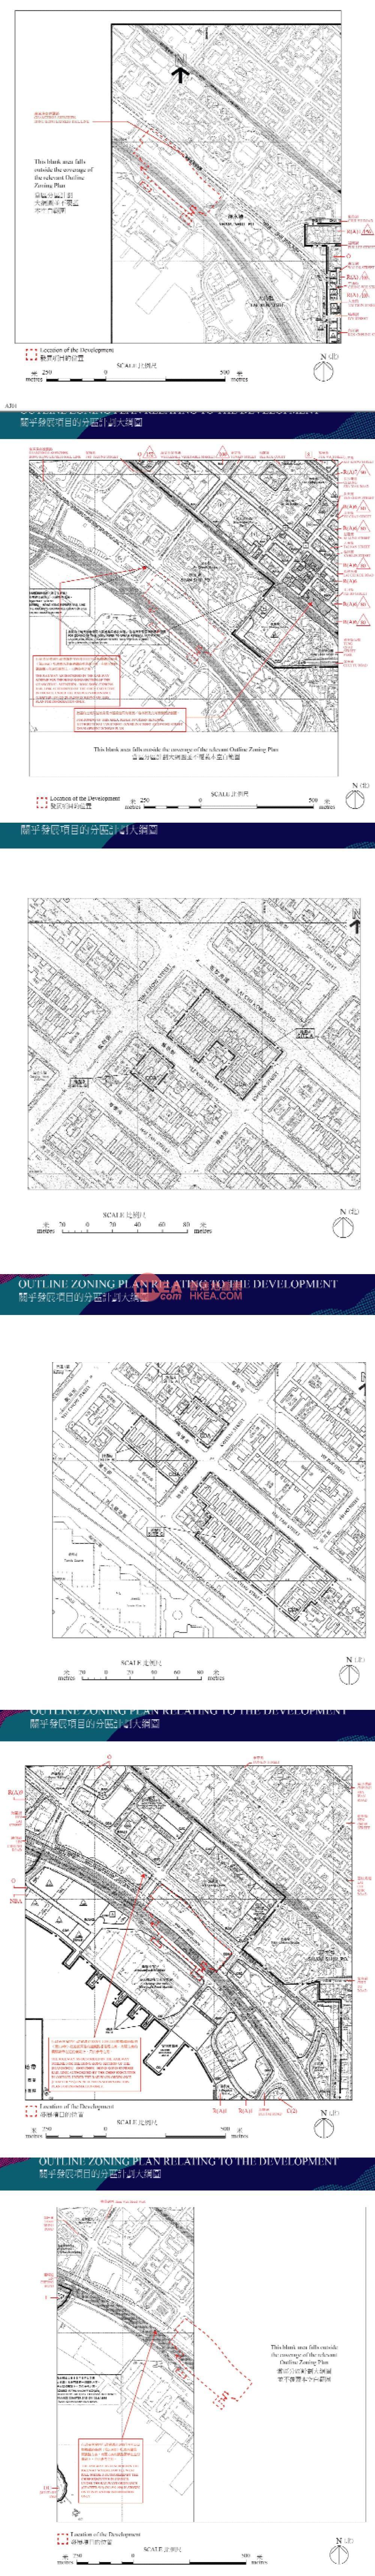 深水埗 匯璽III規劃圖